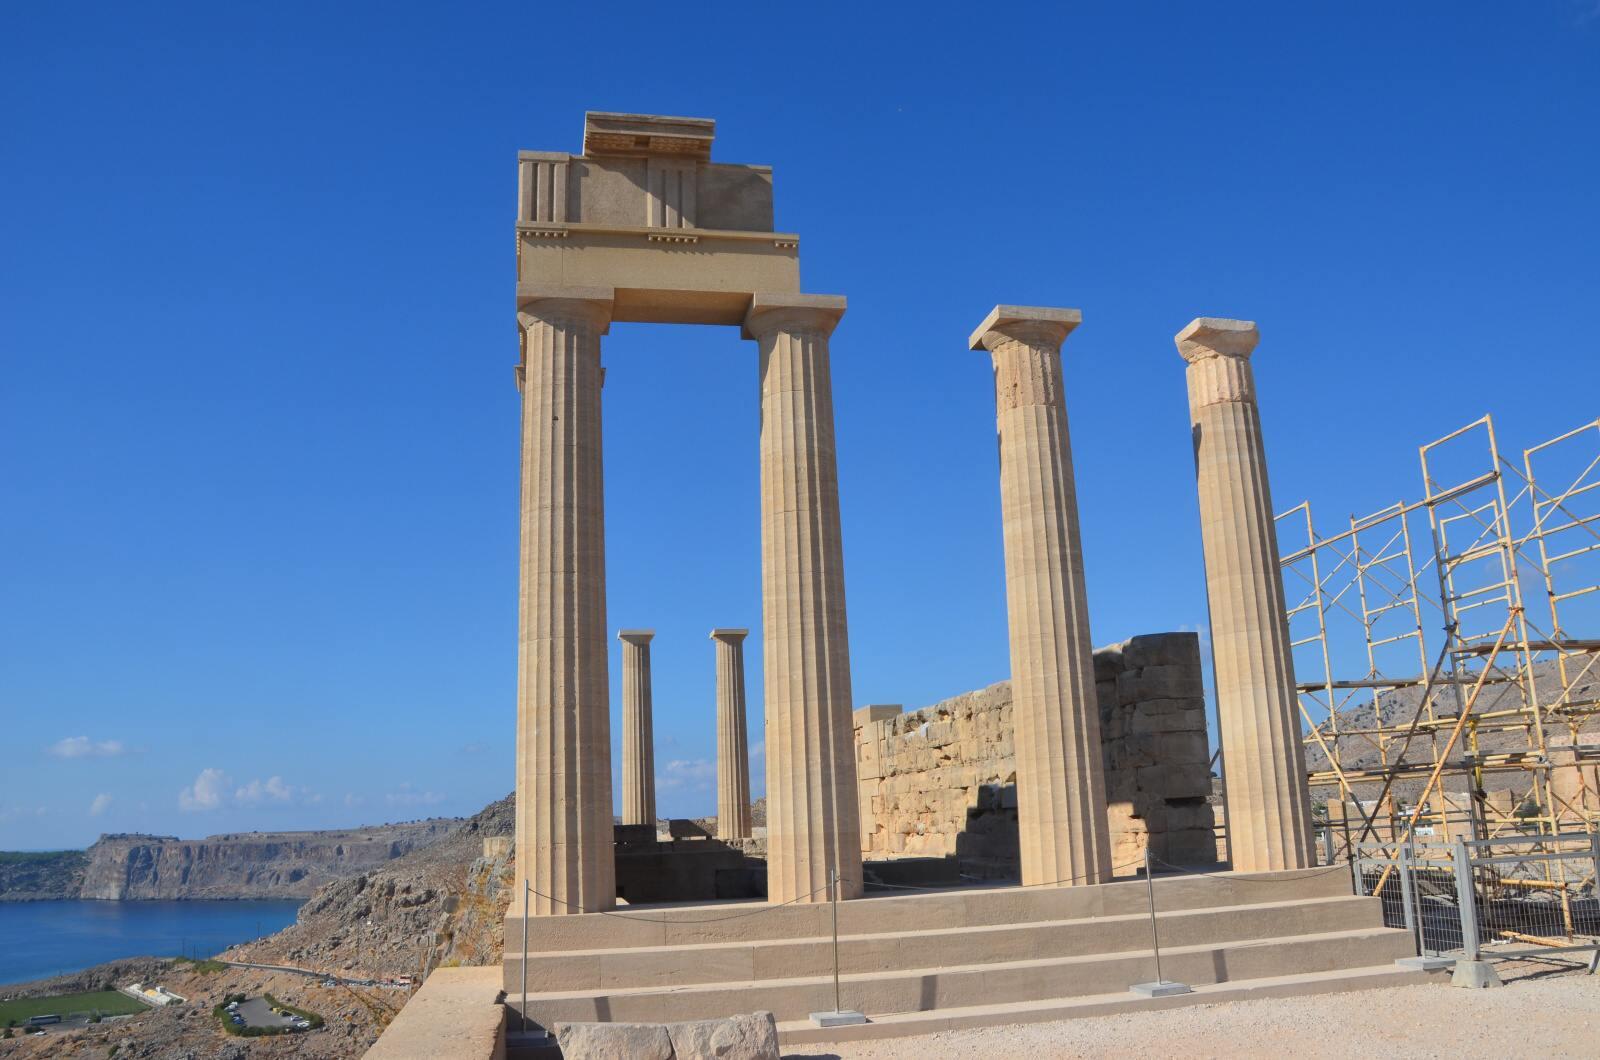 Foto 10: Zbytky starověké akropole a středověké johanitské pevnosti, Lindos, Řecko, Rhodos